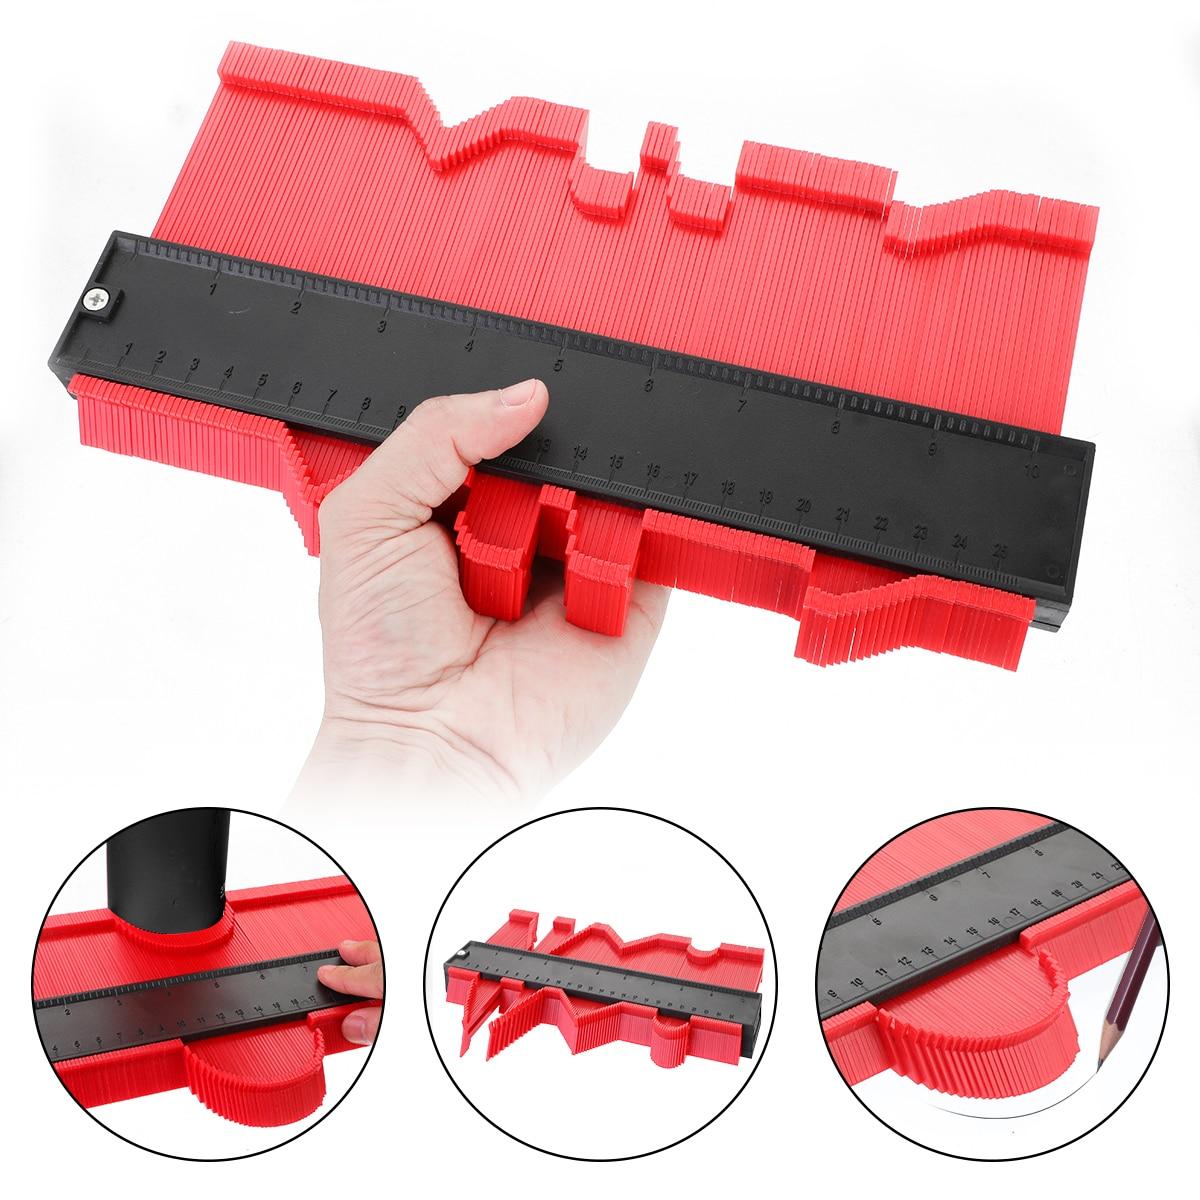 12/14/25/50 Cm Contour Gauge Plastic Profile Copy Contour Gauges Standard Wood Marking Tool Tiling Laminate Tiles Tools